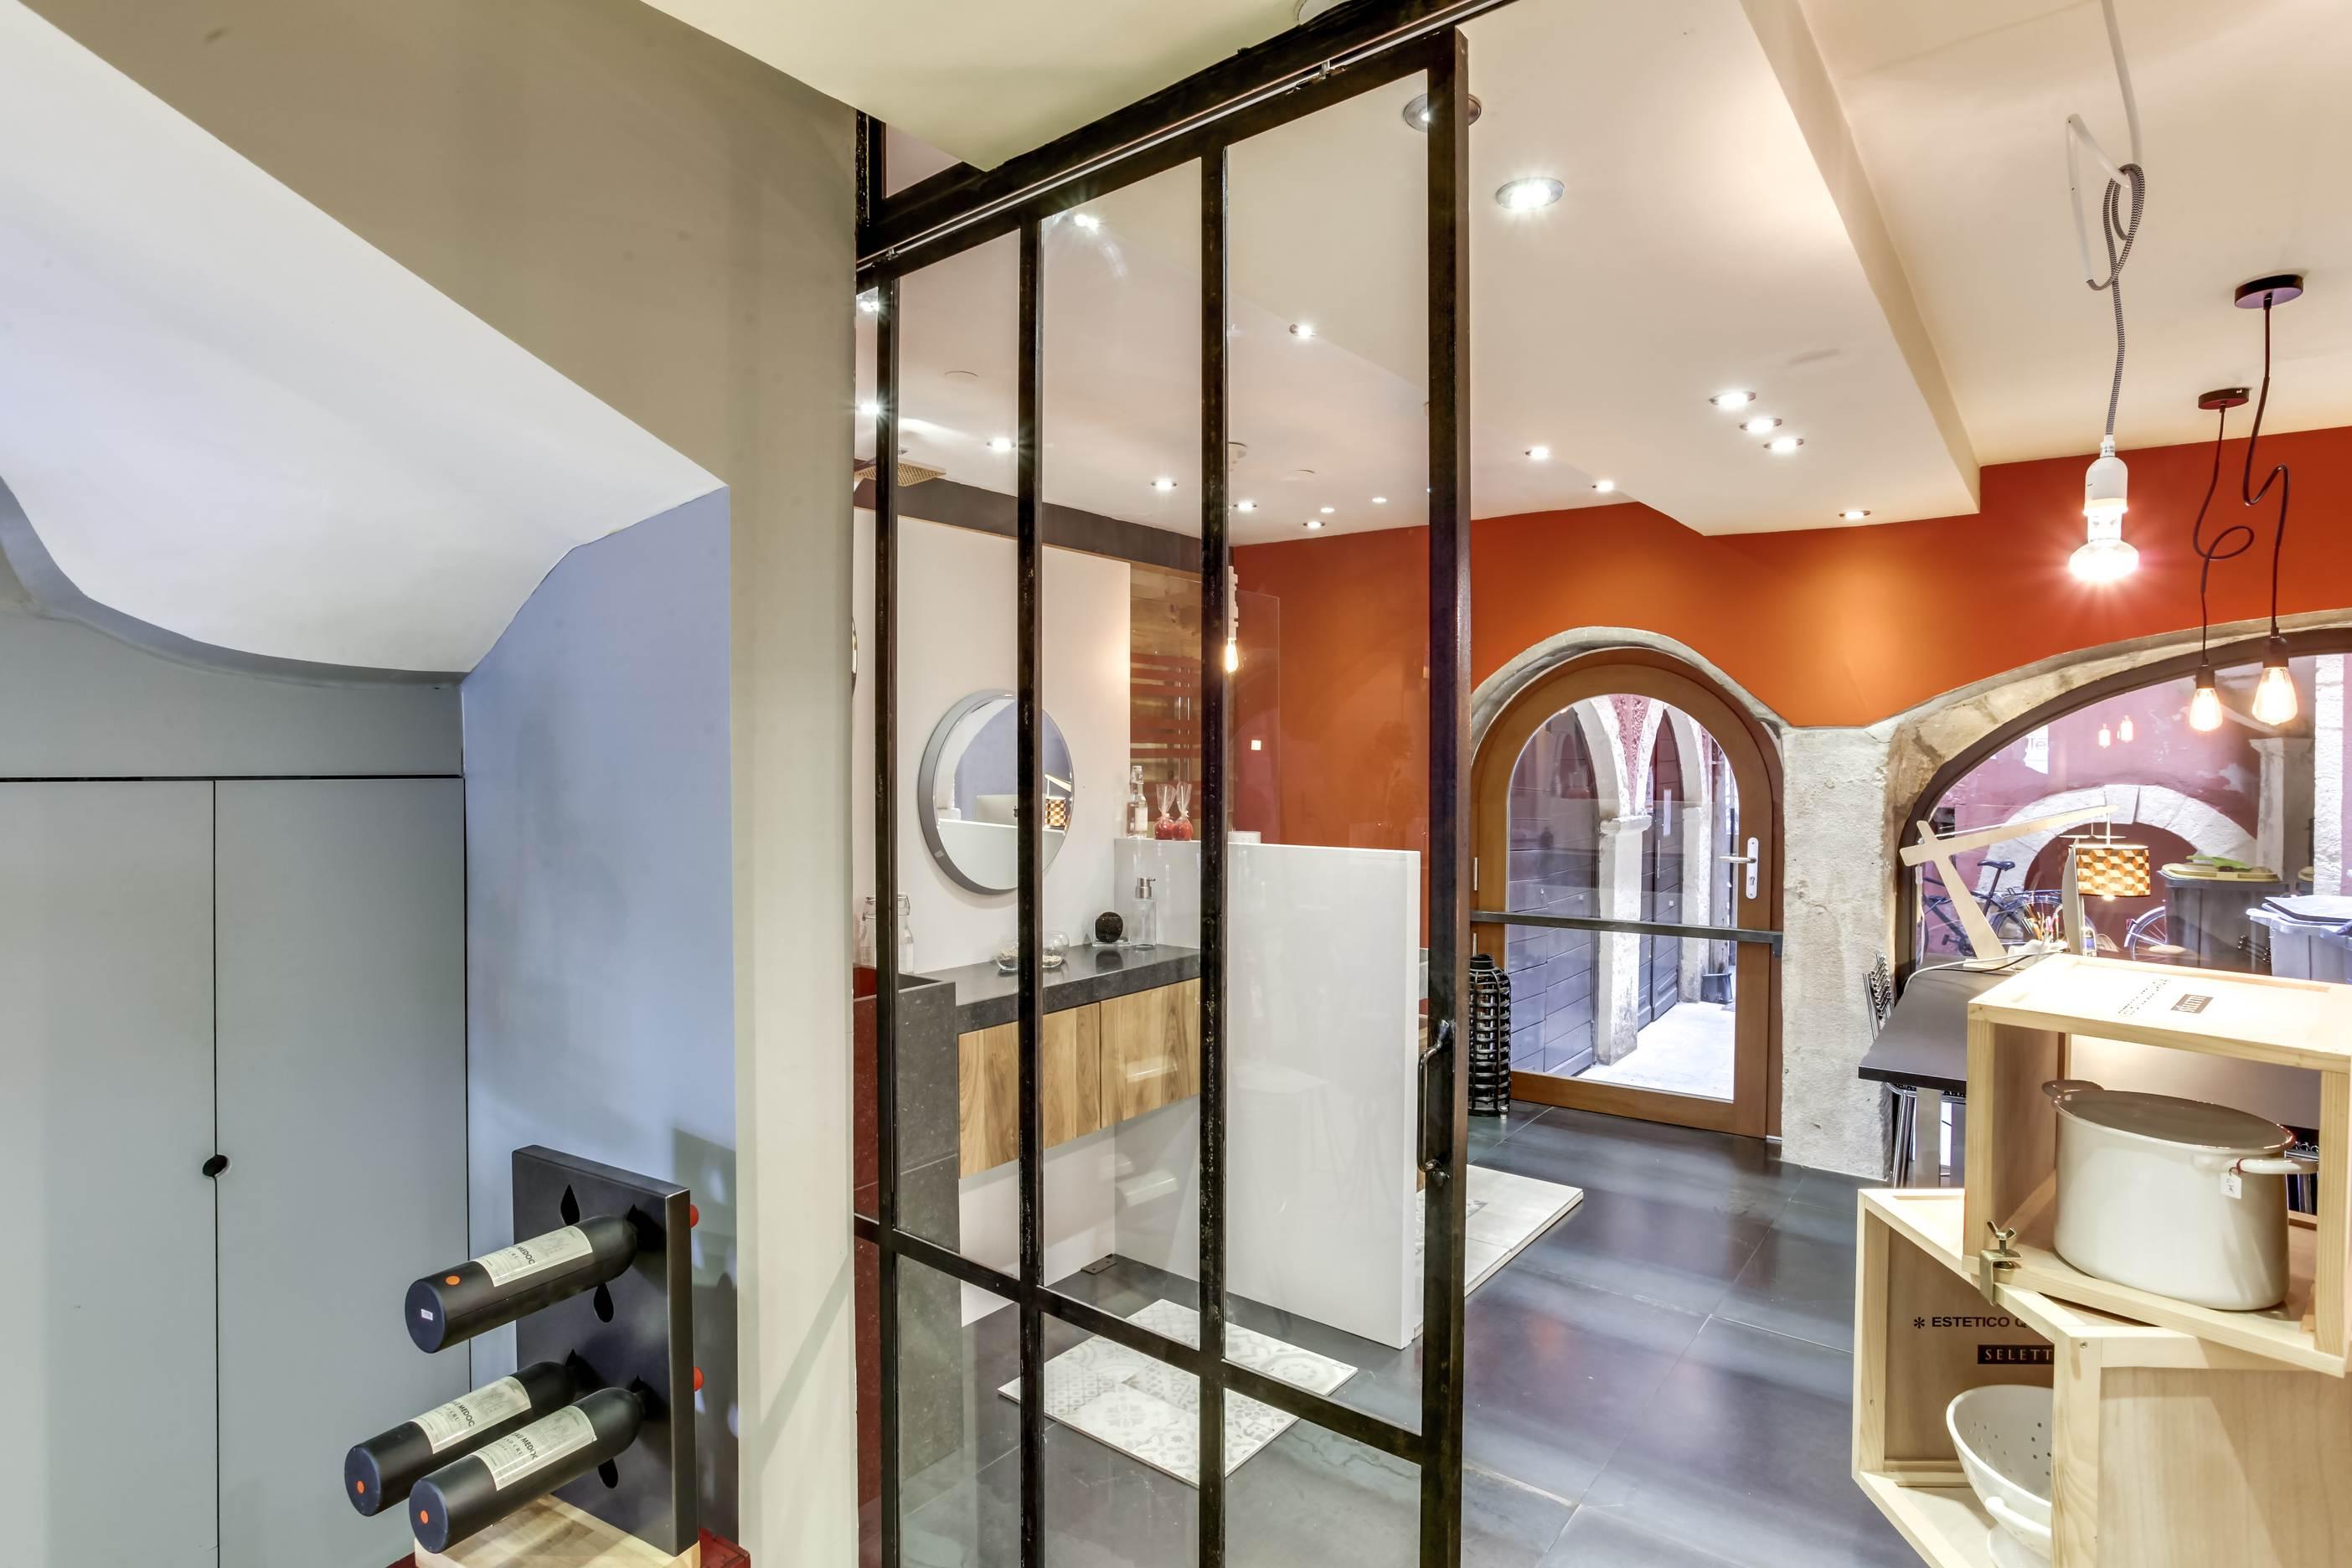 salle de bain showroom meuble de salle de bain u teck u. Black Bedroom Furniture Sets. Home Design Ideas